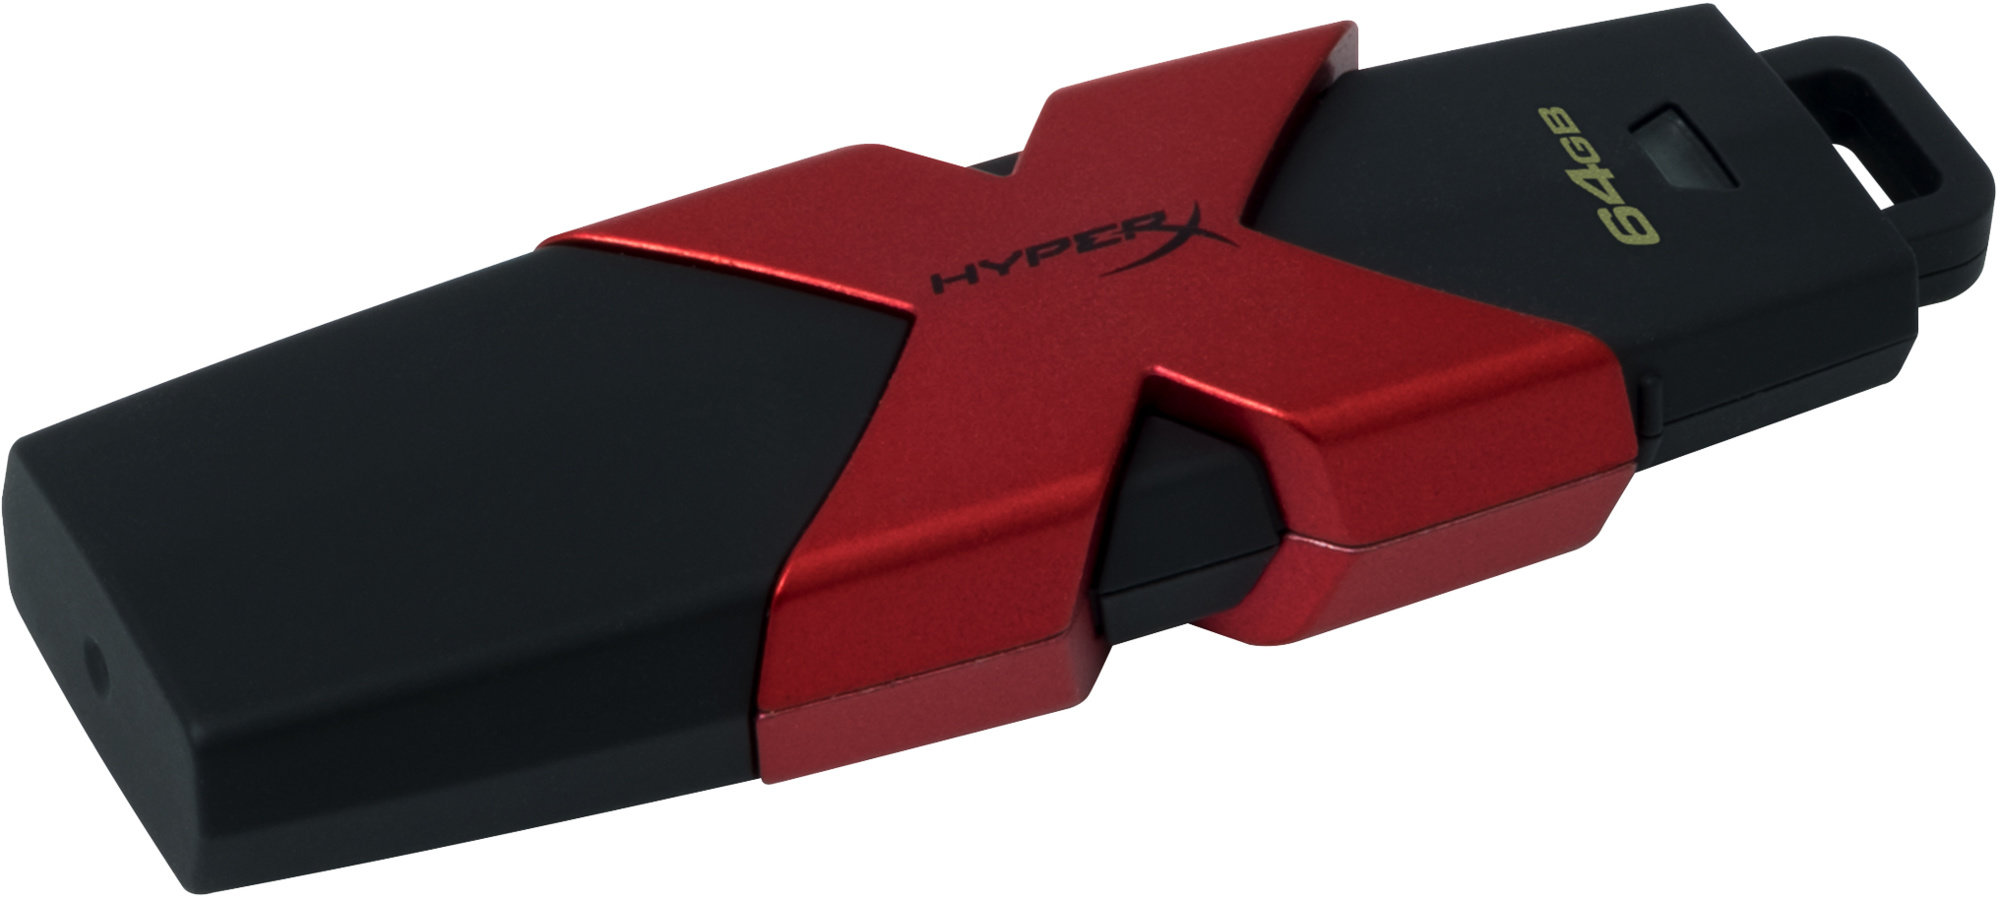 KINGSTON 64GB HX Savage USB 3.1/3.0 350MB/s R, 180MB/s W